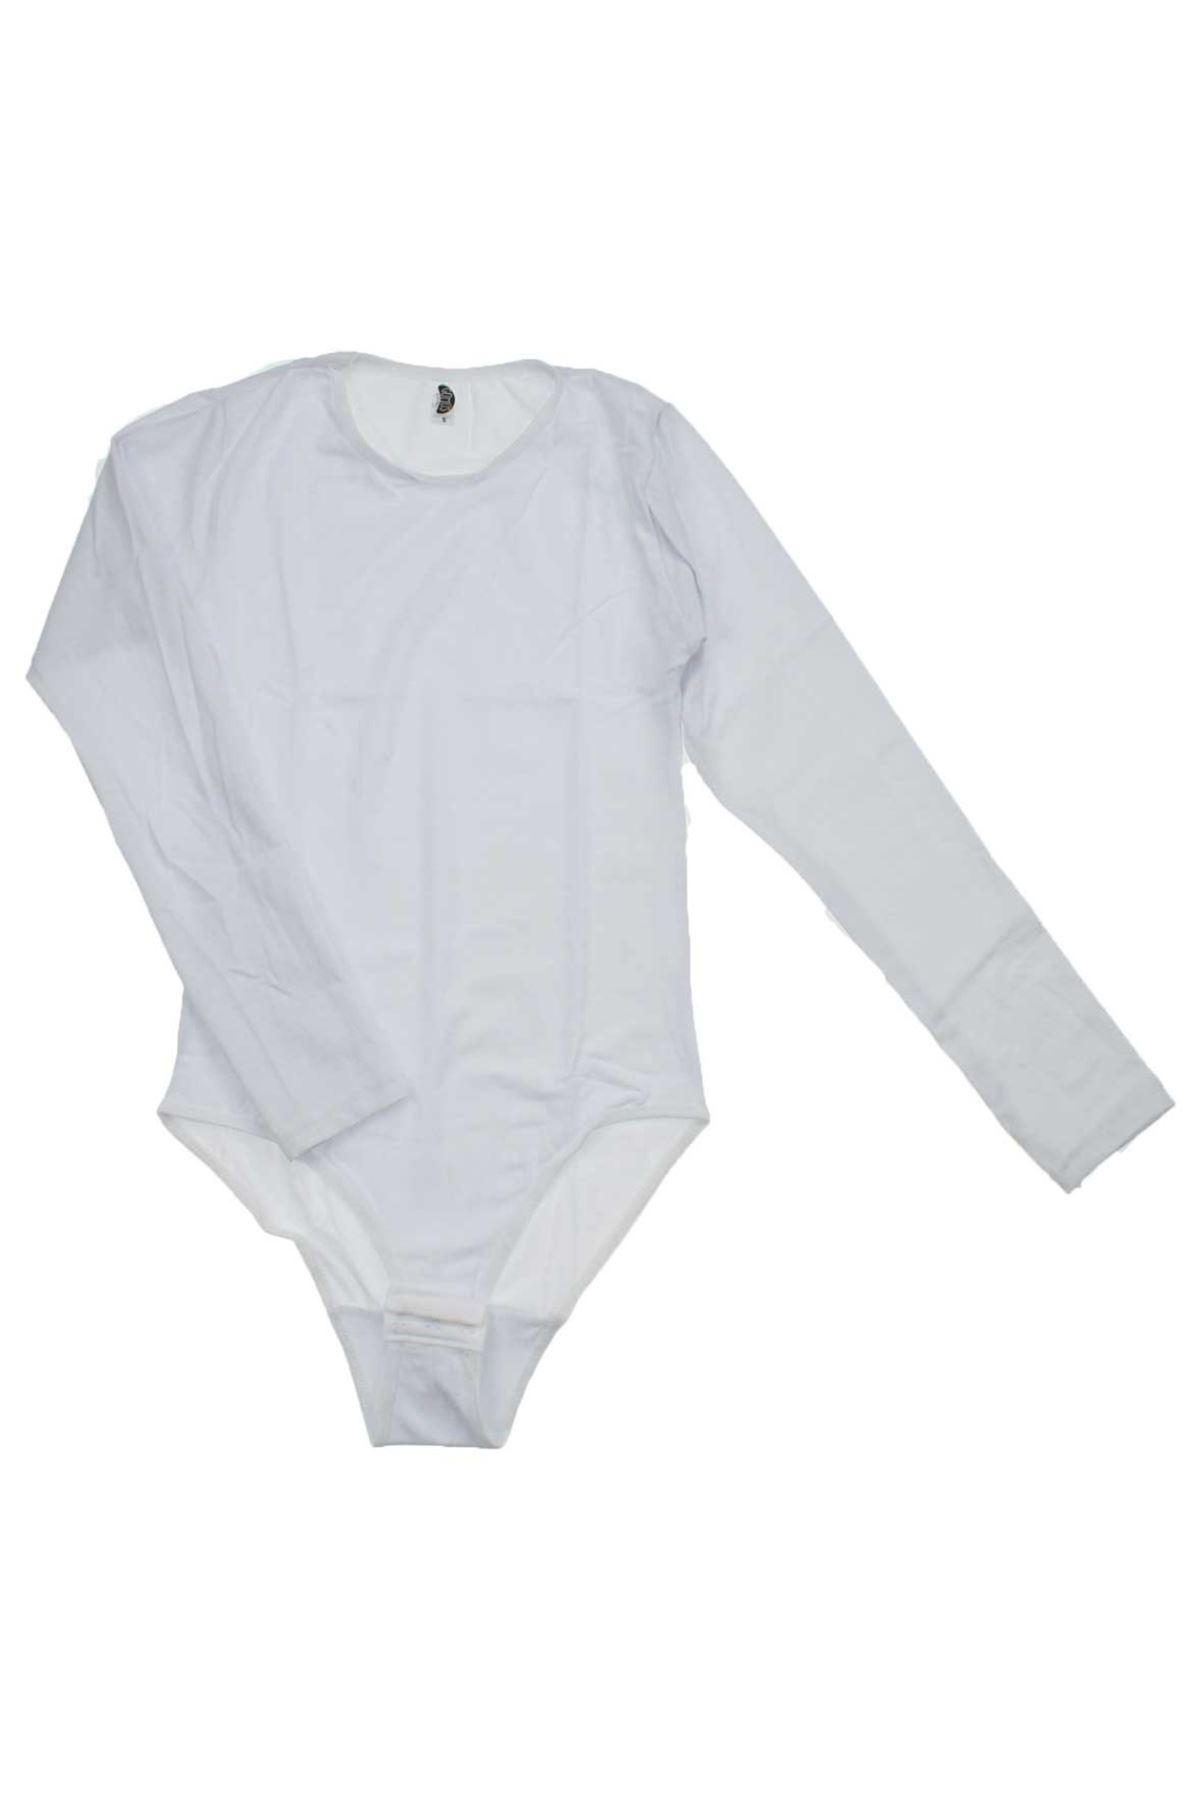 Gümüş İç Giyim Bayan UzunKol Beyaz Çıtçıtlı Bady